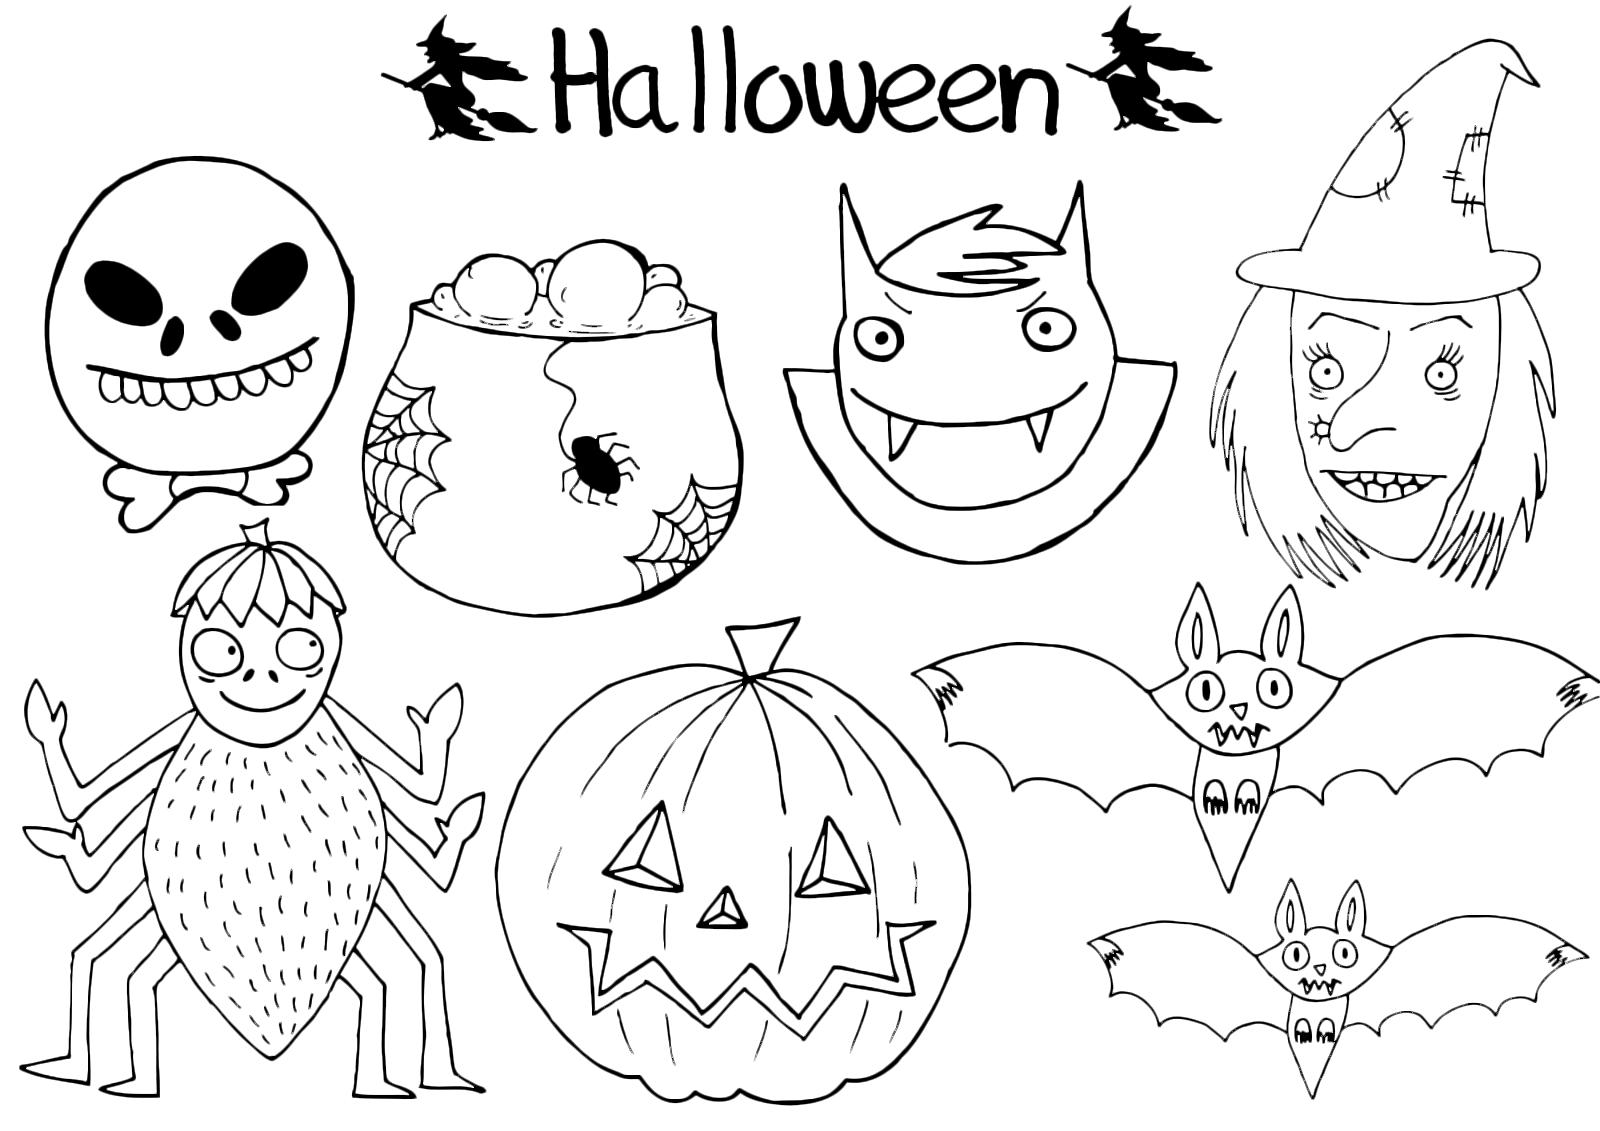 Halloween streghe teschi e tante altre immagini paurose for Disegni da stampare colorare e ritagliare